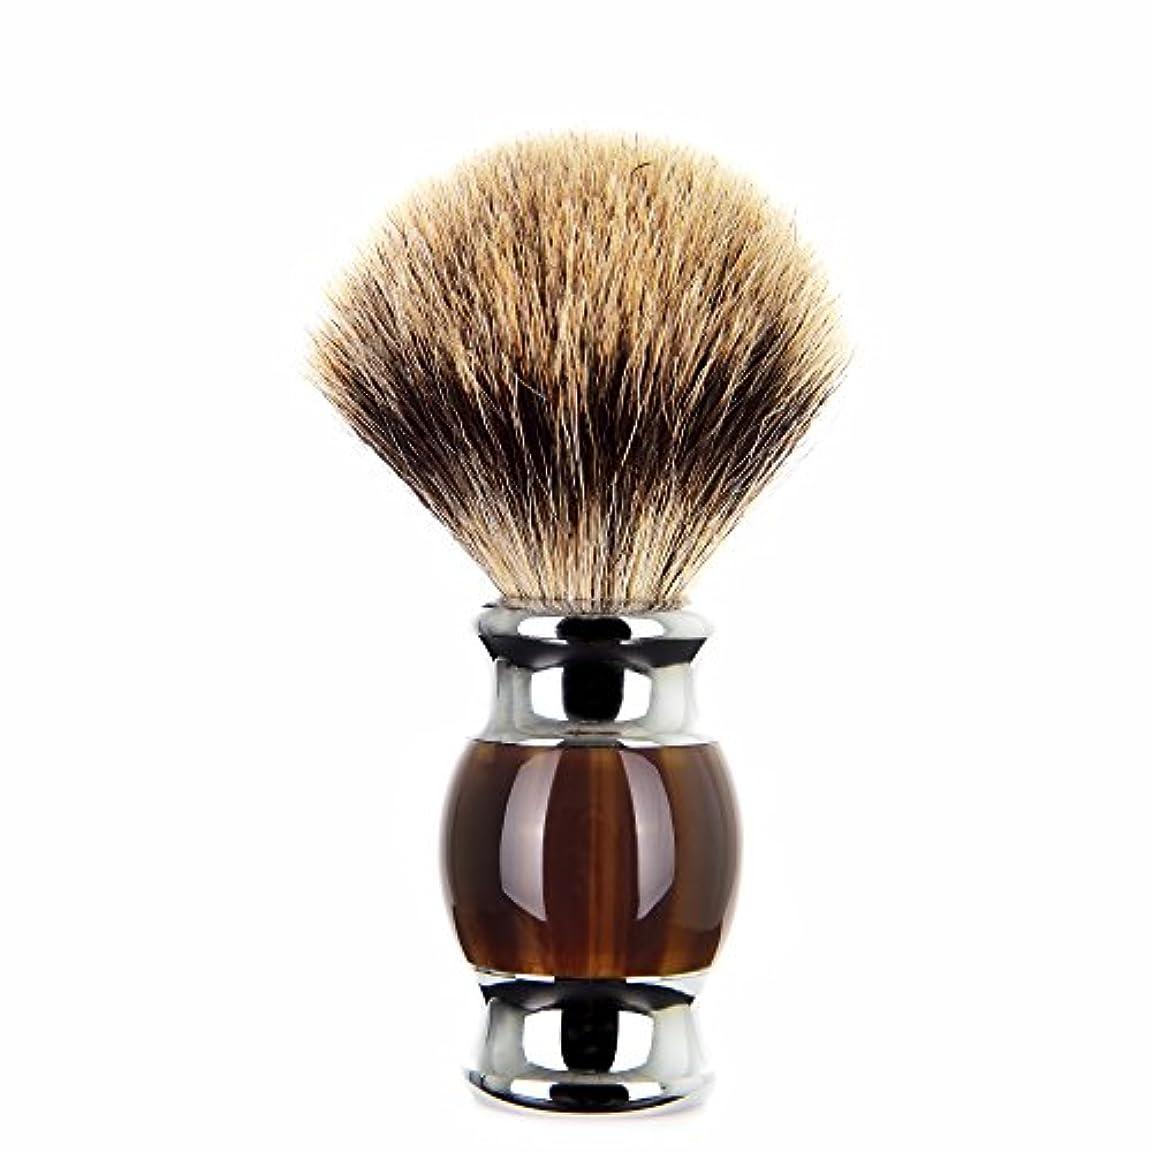 連邦おとうさん語Edow シェービングブラシ高級silvertipアナグマ シェービング 任意 方法 用 重い合金基材と人間工学的ハンドル 備えたブラシ毛。